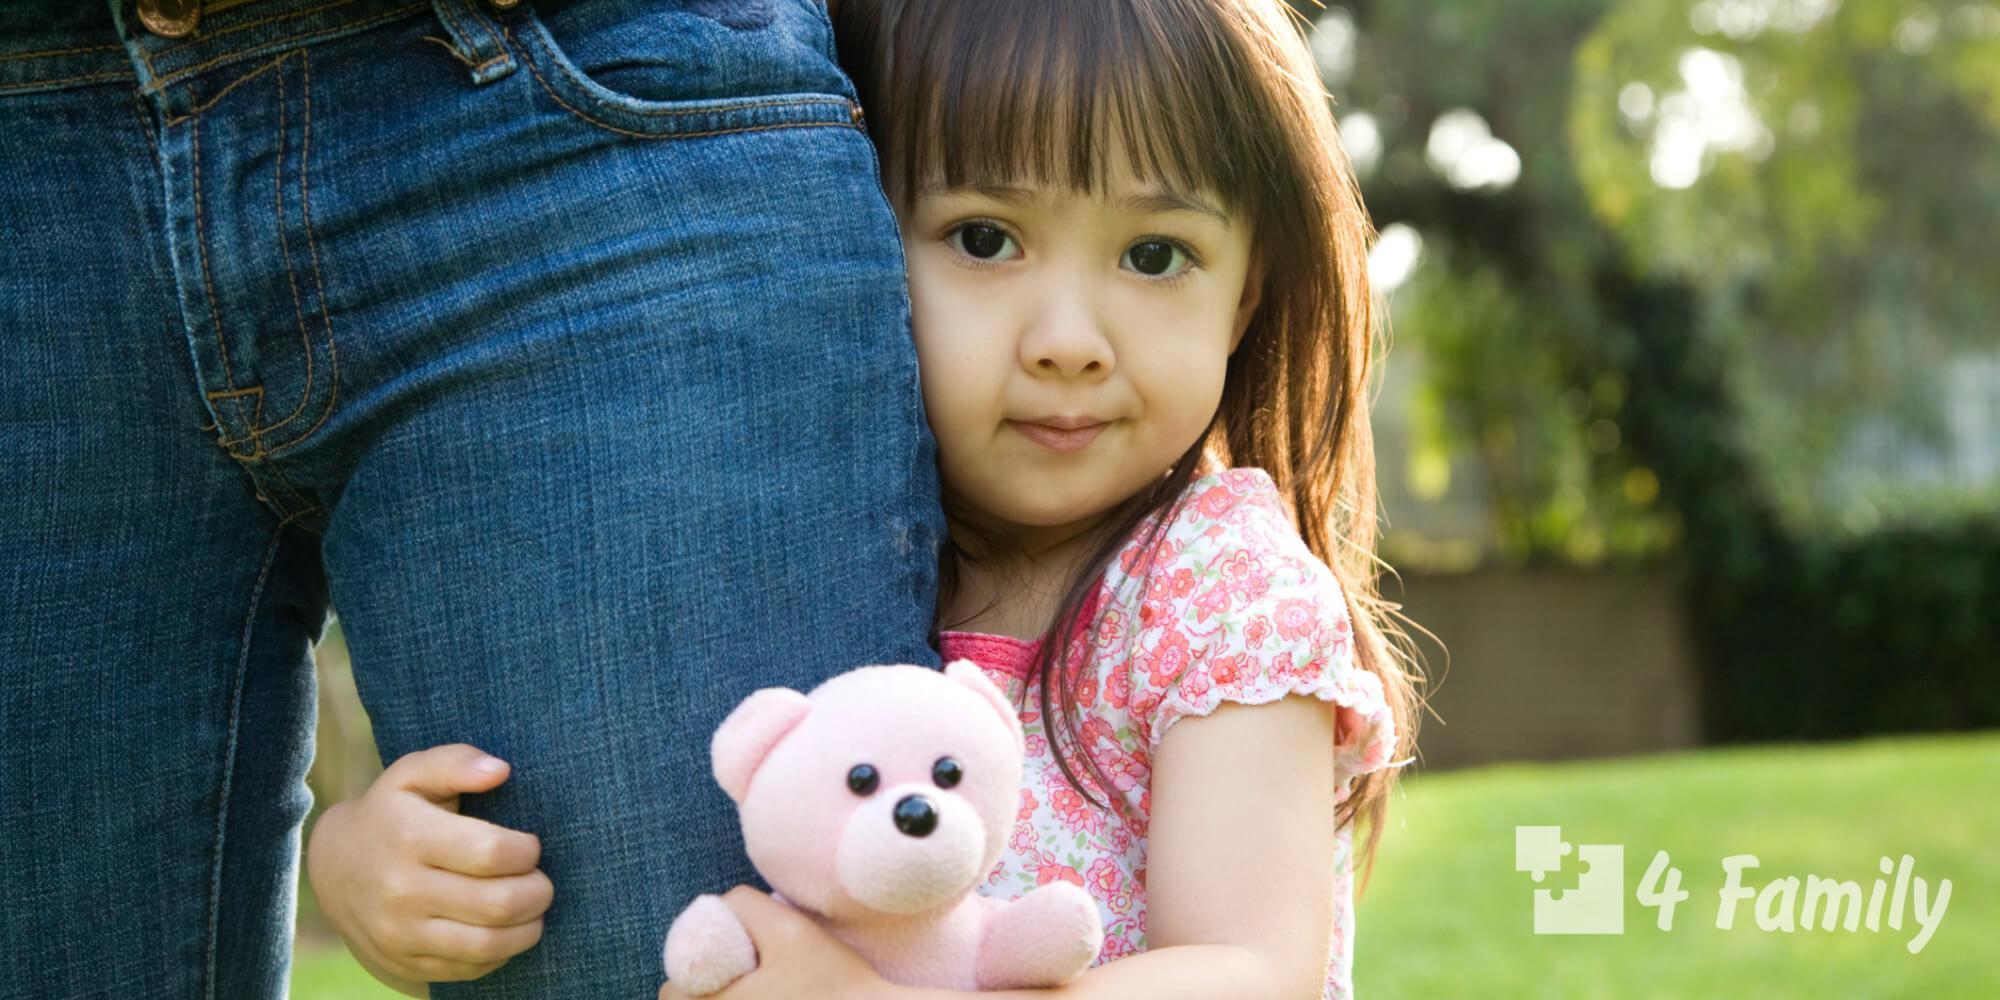 4family Откуда берутся комплексы у детей